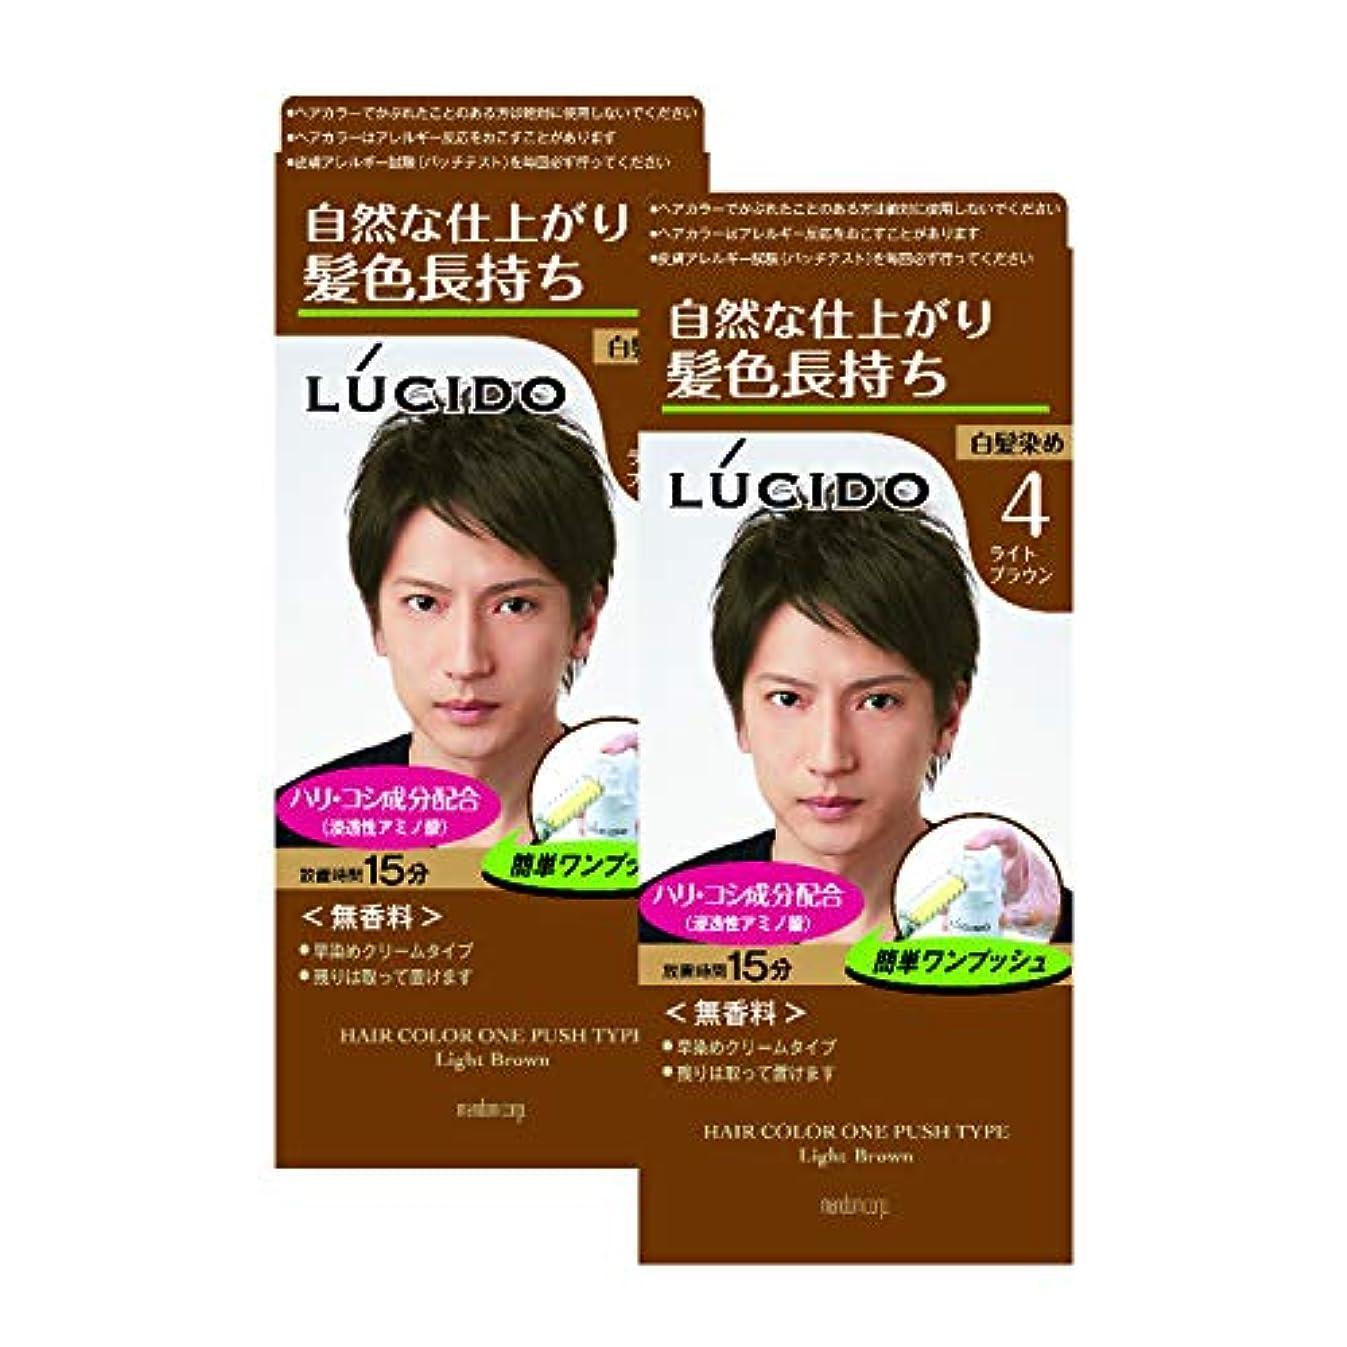 たっぷり実験をするゆりLUCIDO(ルシード) ルシード ワンプッシュケアカラー ライトブラウン (医薬部外品) 白髪染め 2個パック